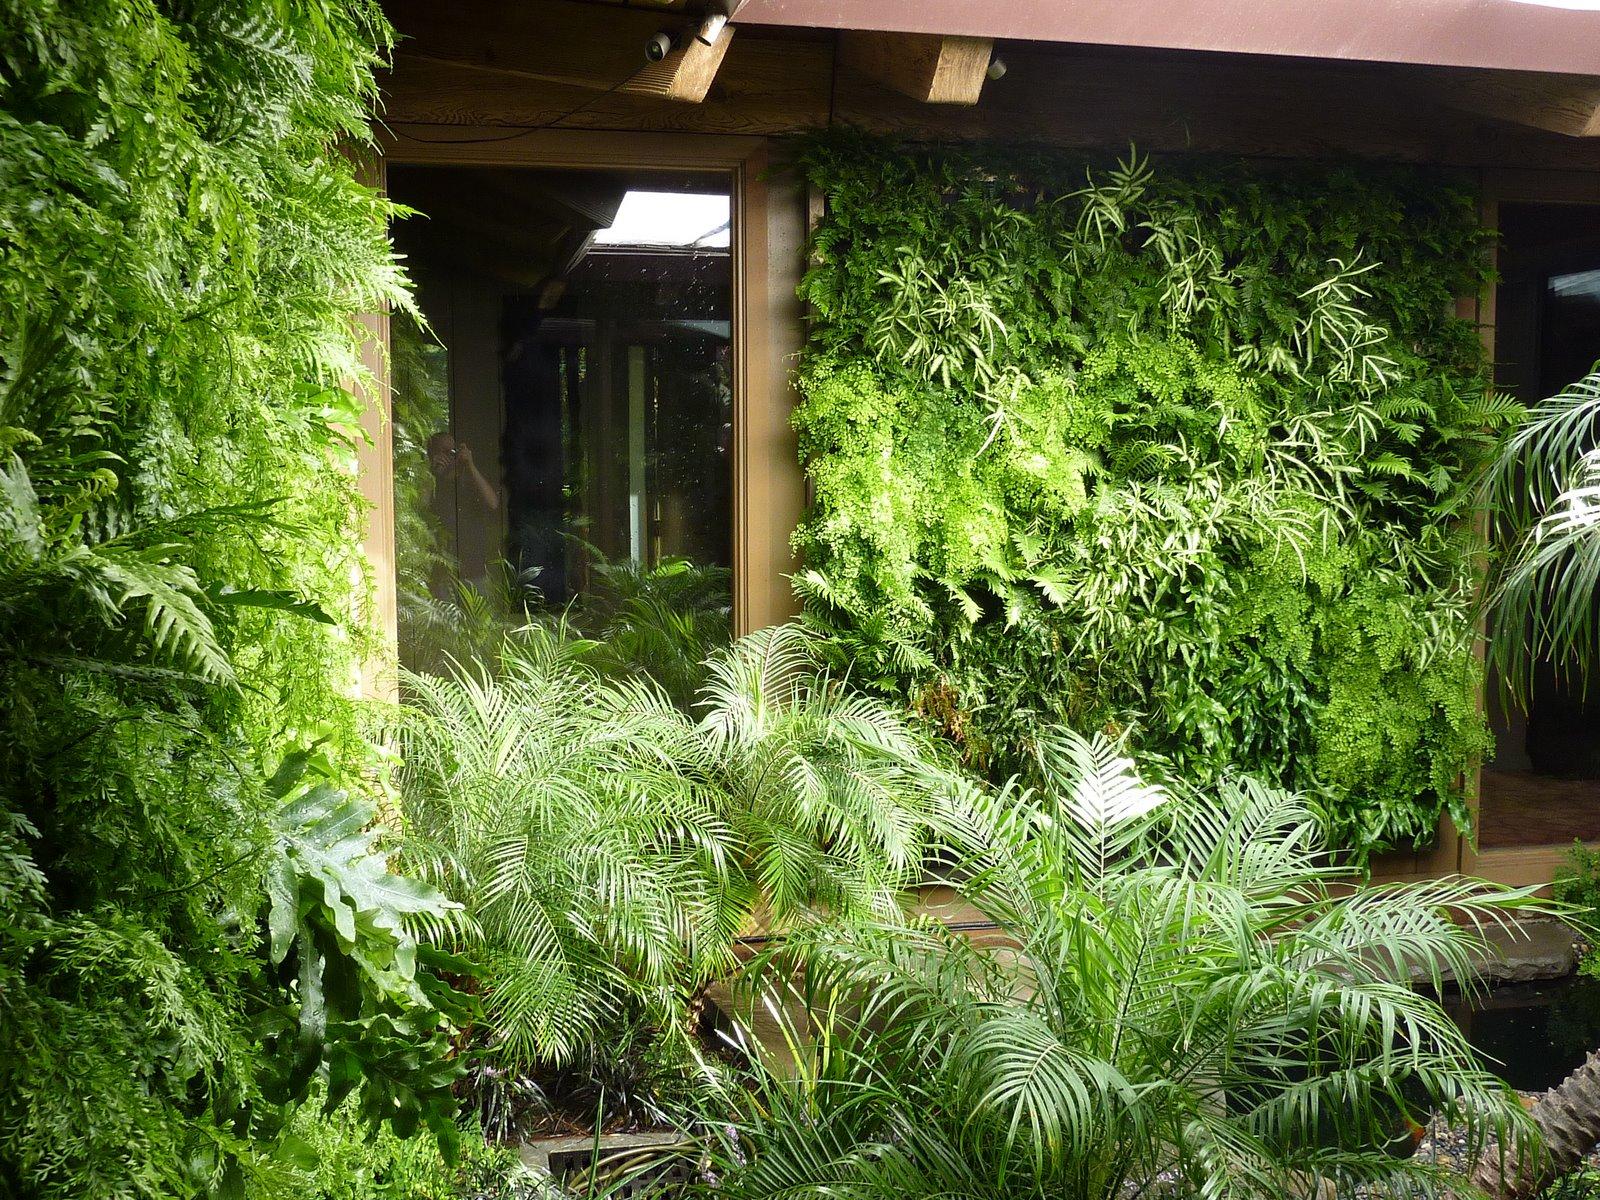 plants on walls vertical garden systems september 2011. Black Bedroom Furniture Sets. Home Design Ideas